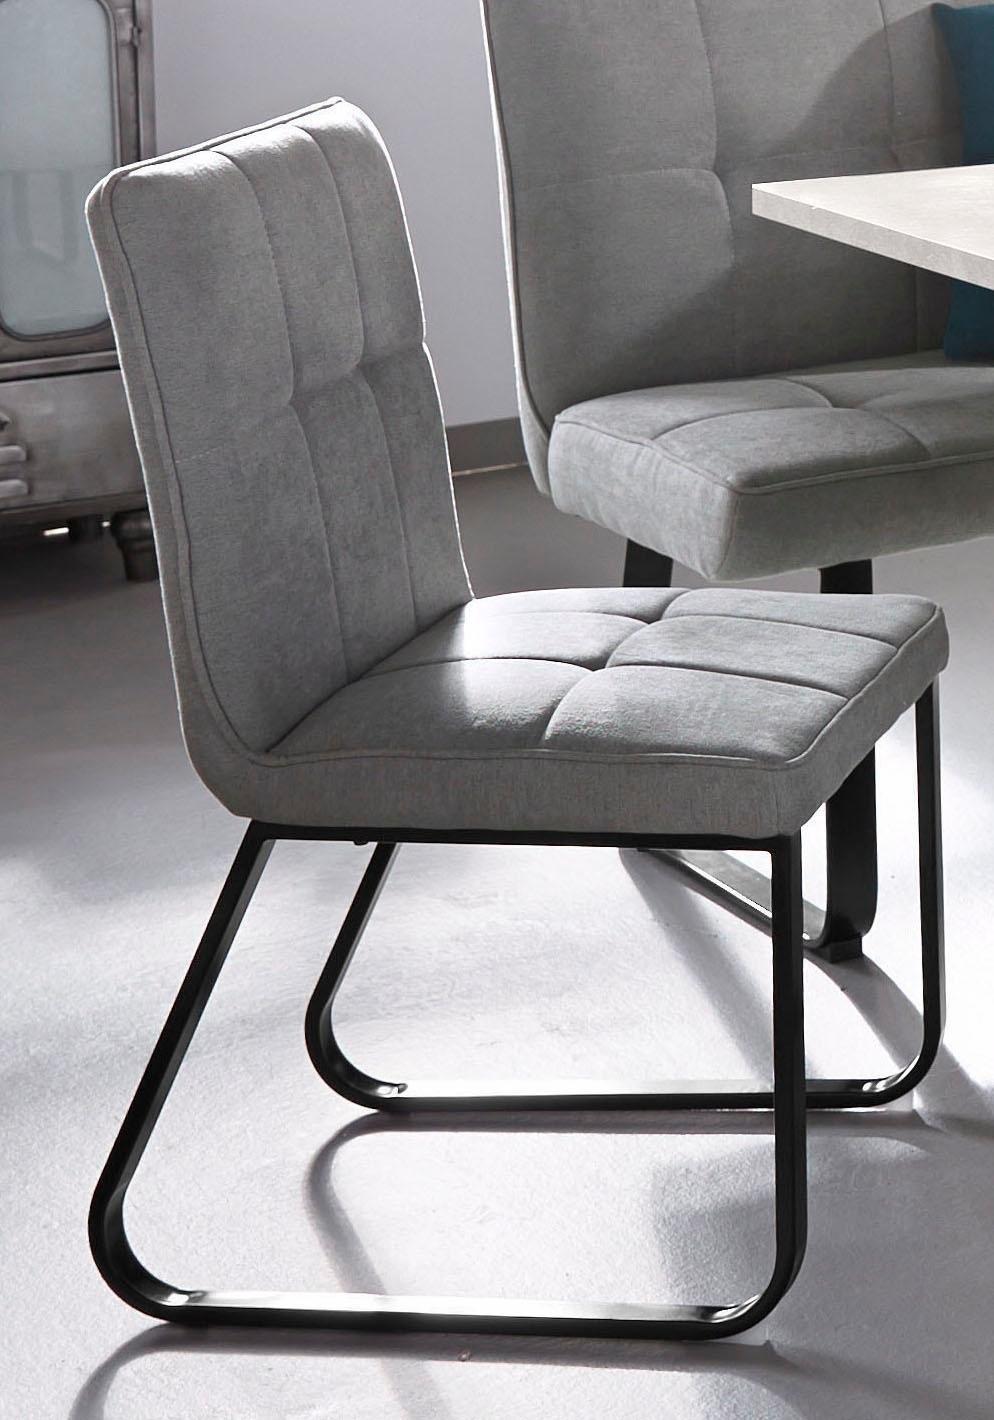 Homexperts Steinhoff stoel (set van 2) goedkoop op otto.nl kopen